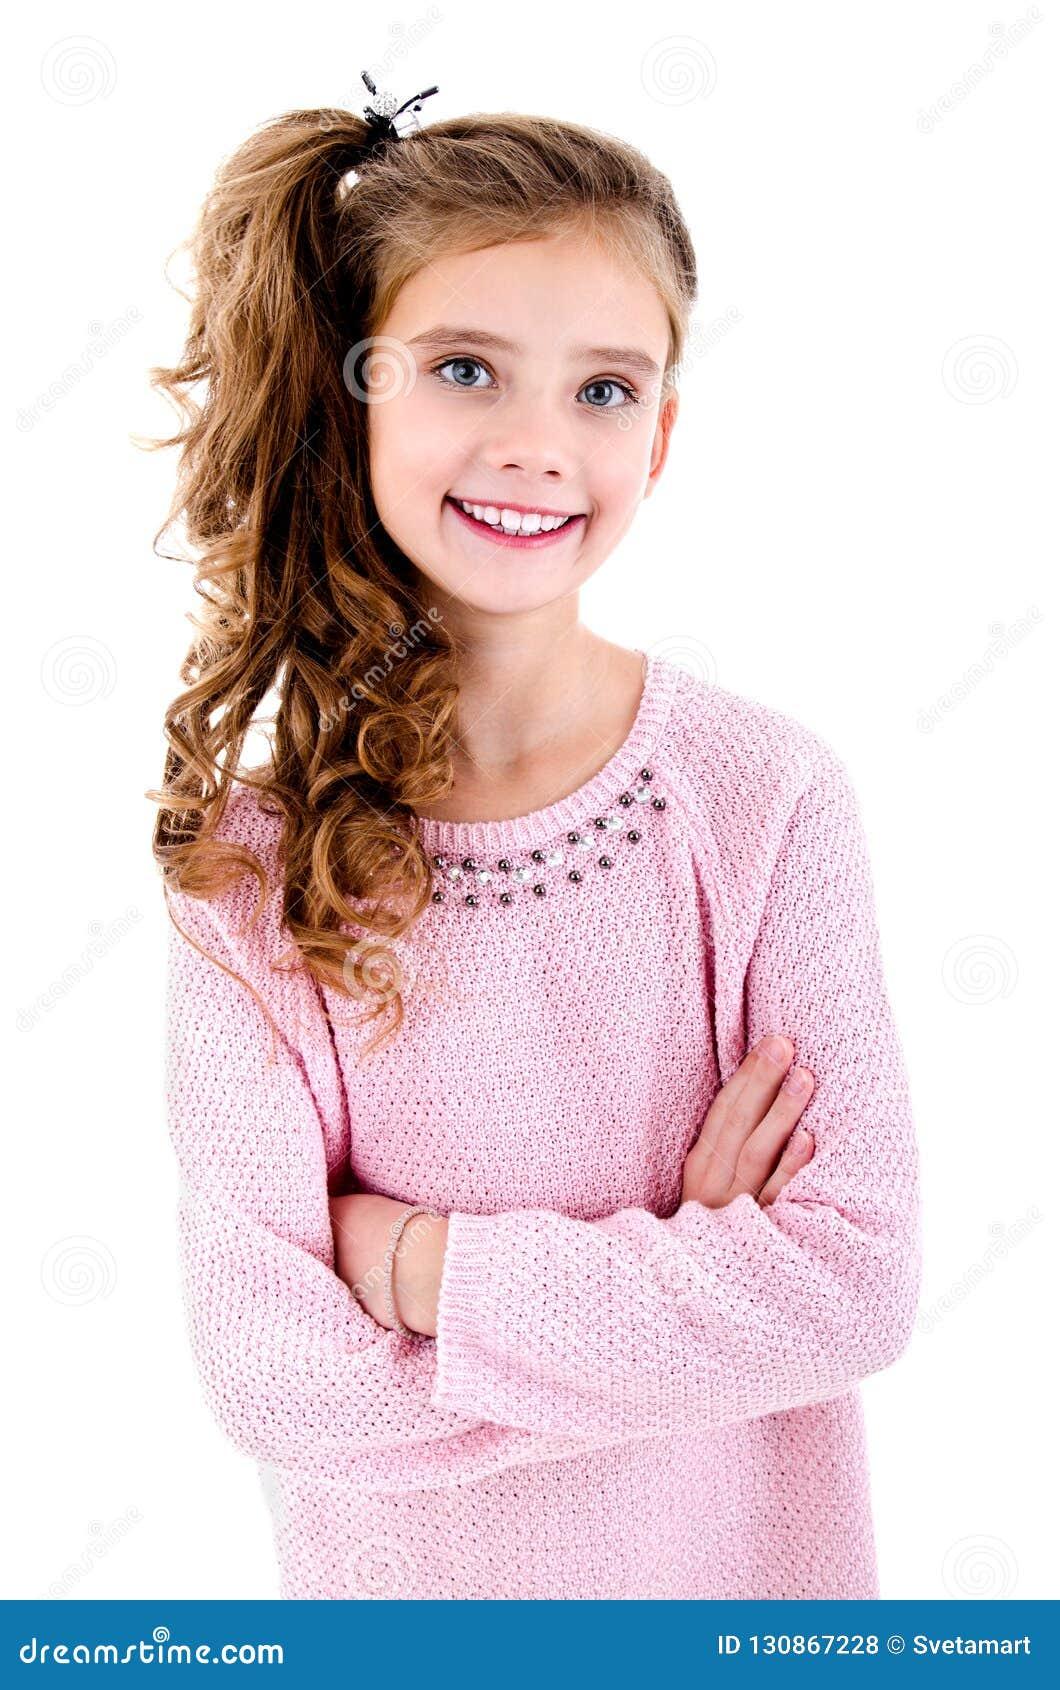 可爱的微笑的小女孩孩子画象被隔绝